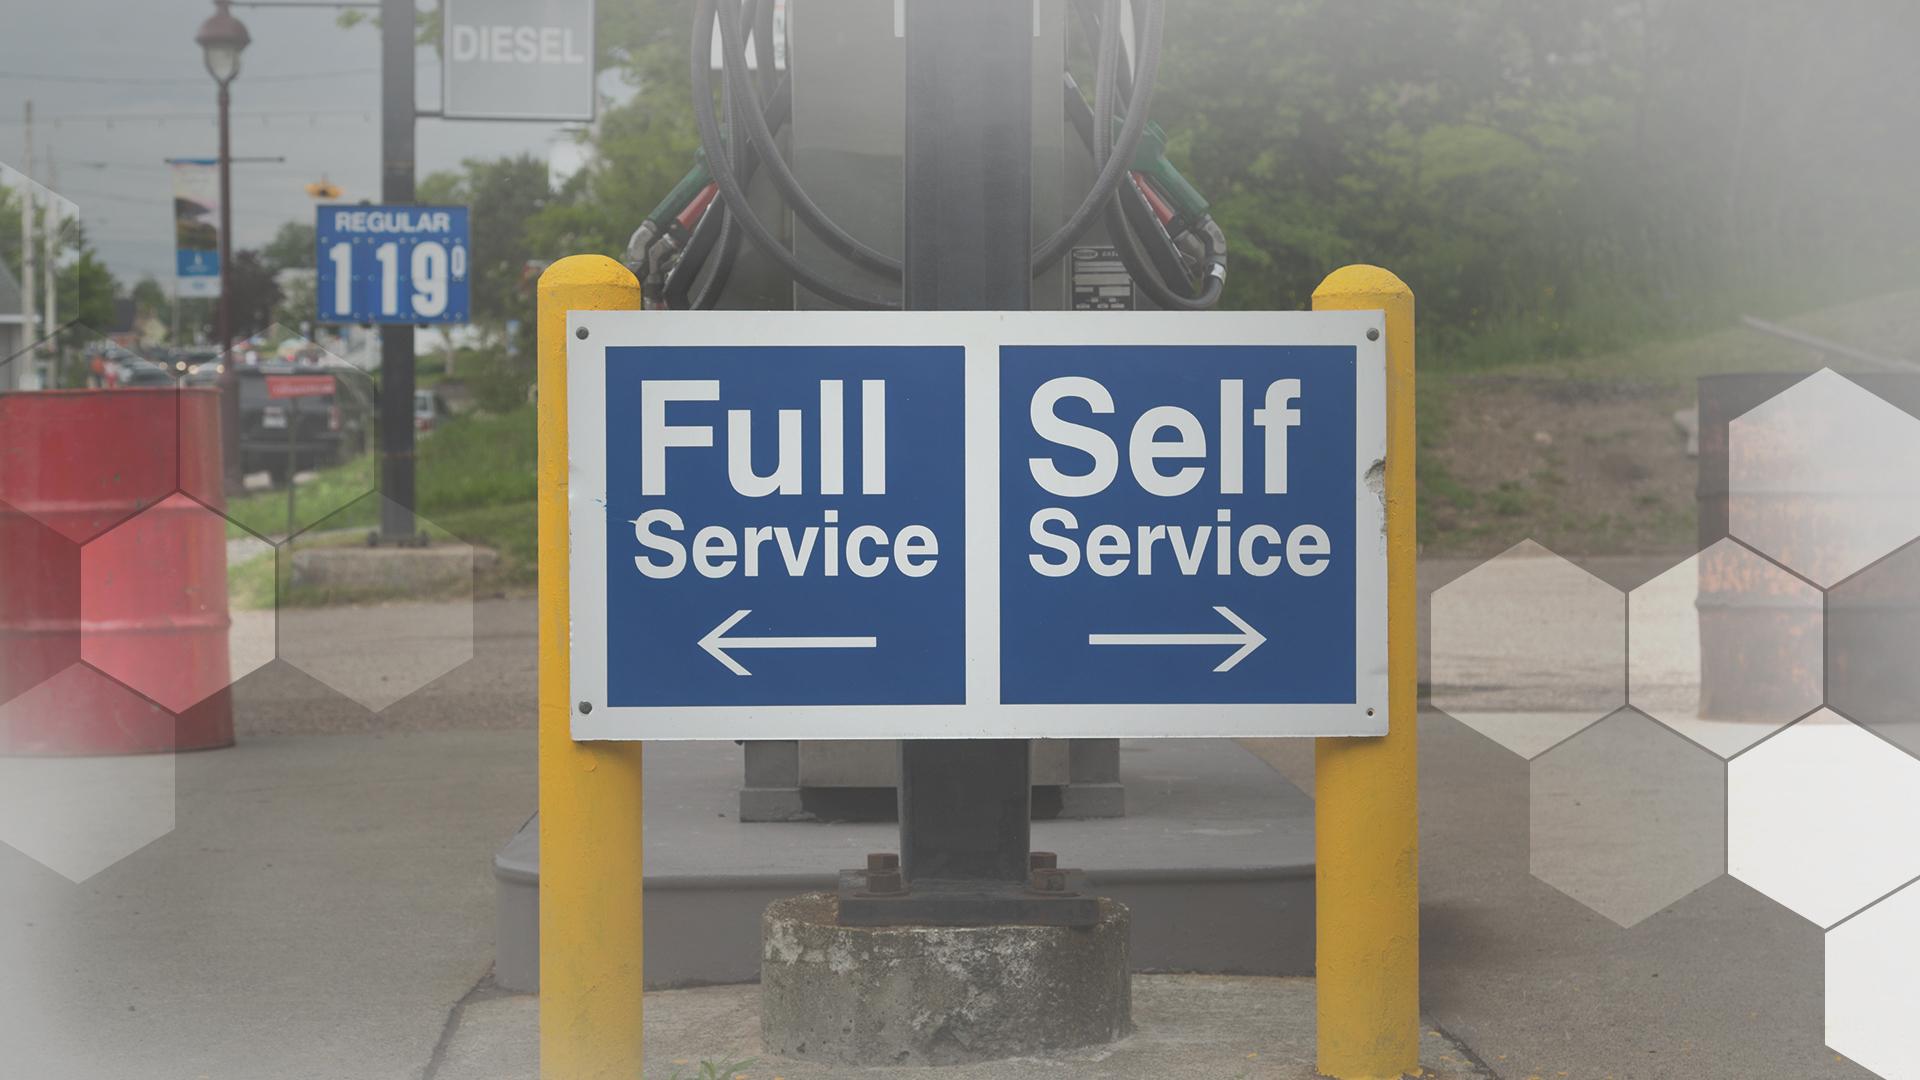 SaaS Best Practices: Self-Service Versus Human Support